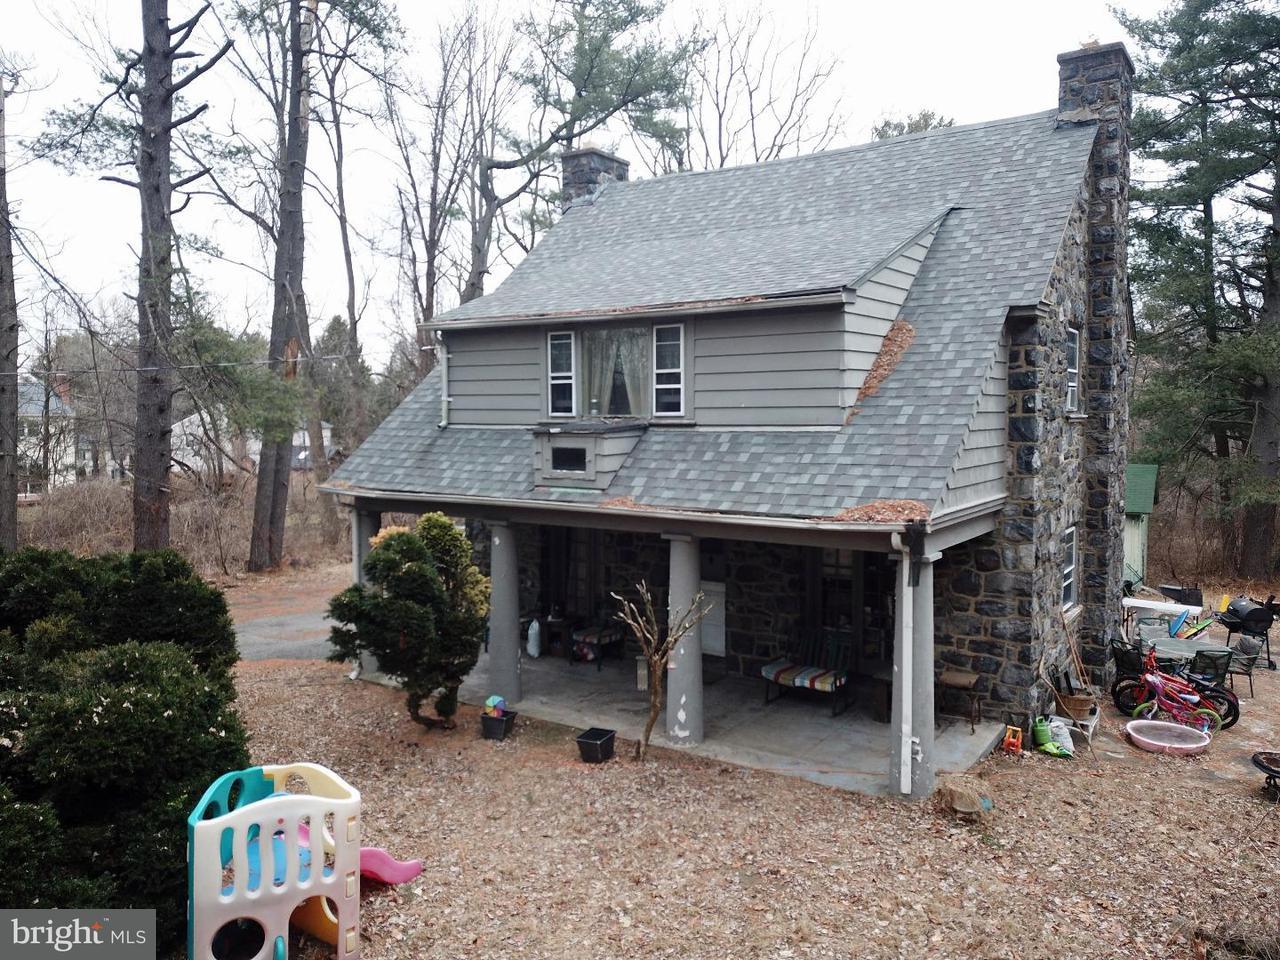 Частный односемейный дом для того Продажа на 229 THORNTON Road Thornton, Пенсильвания 19373 Соединенные Штаты